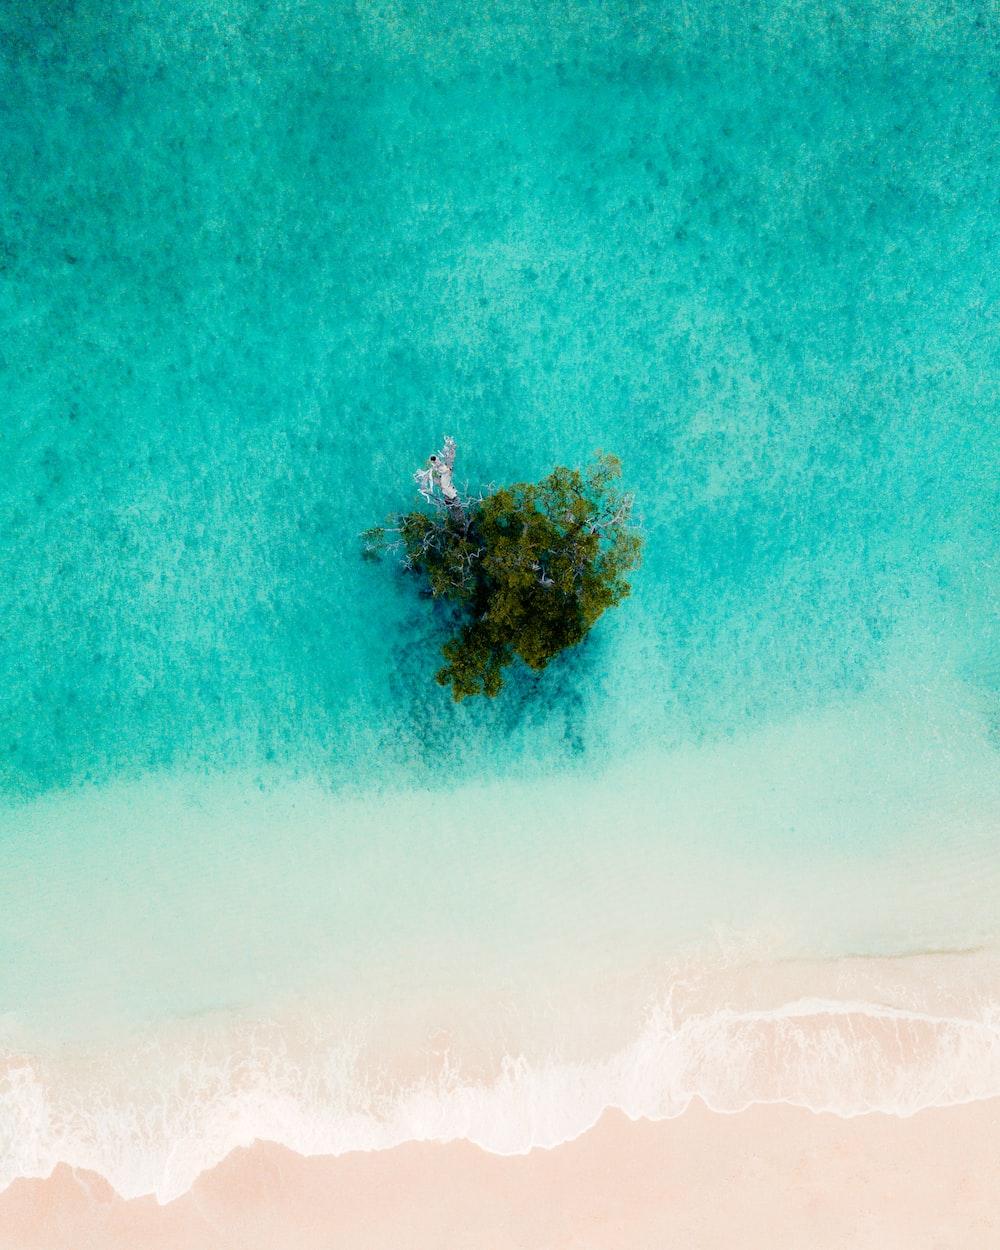 bird eye photography of island beside body of water